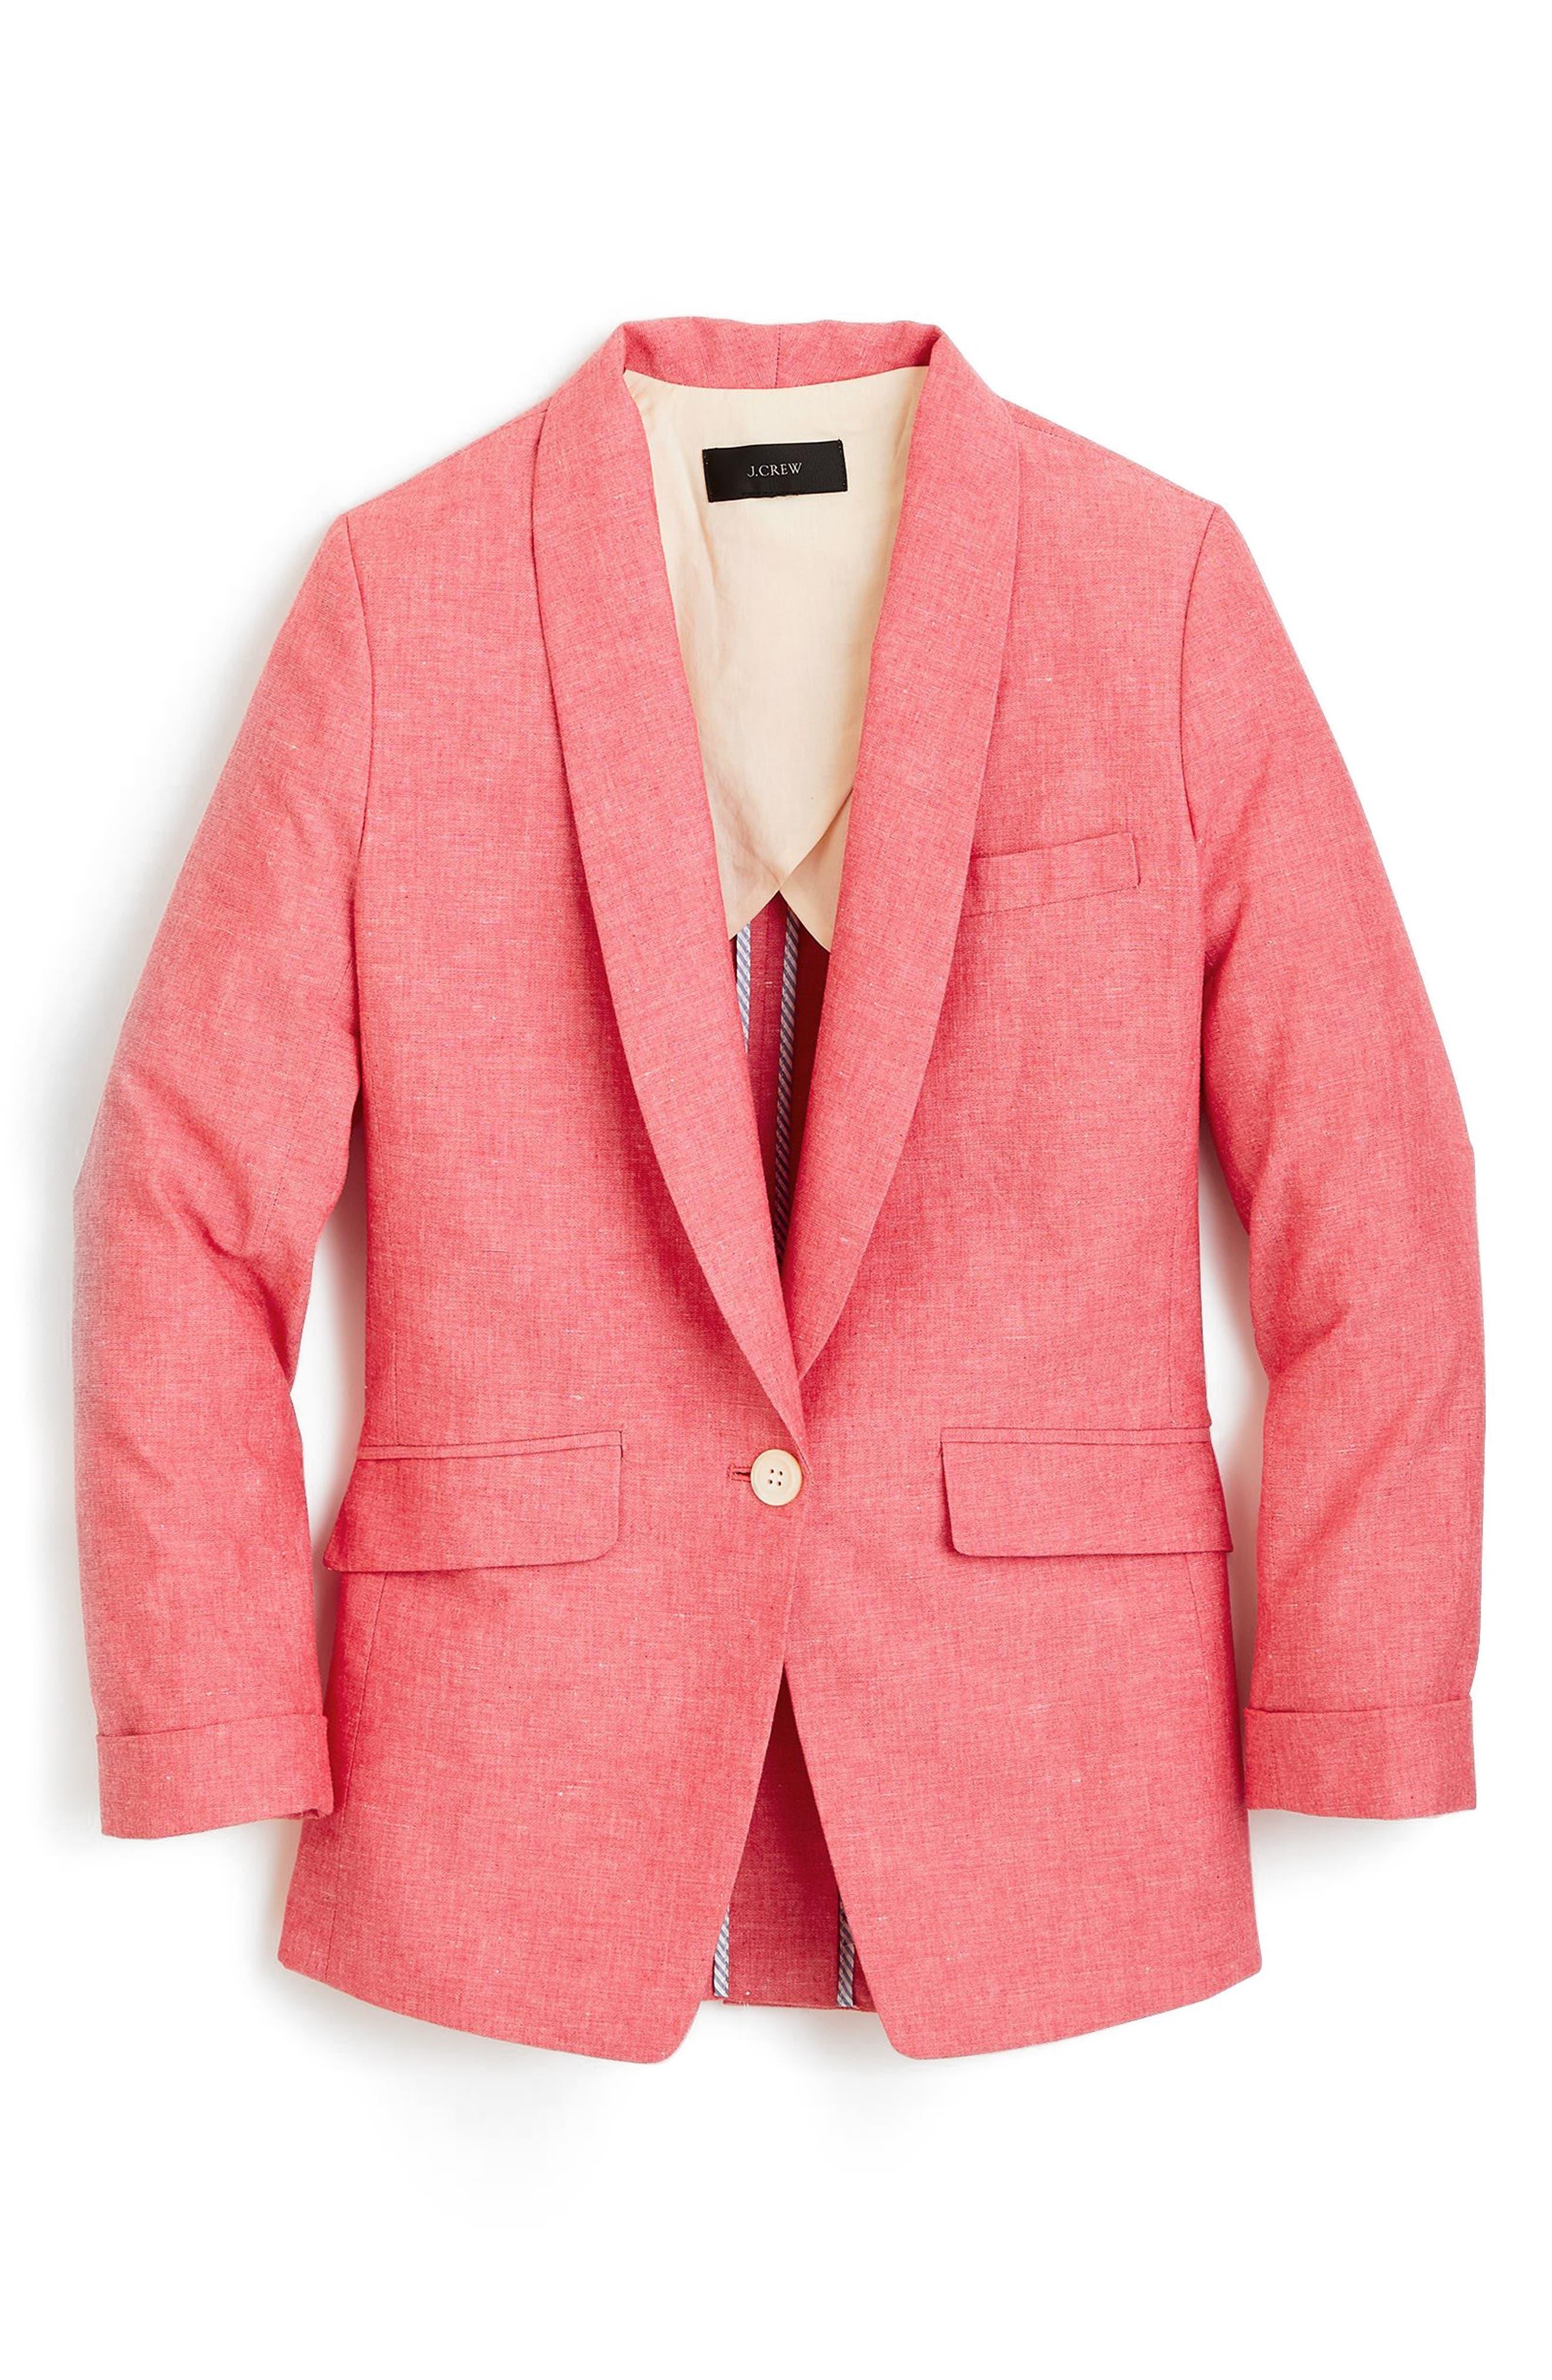 J.Crew Unstructured Shawl Collar Cotton Linen Blazer